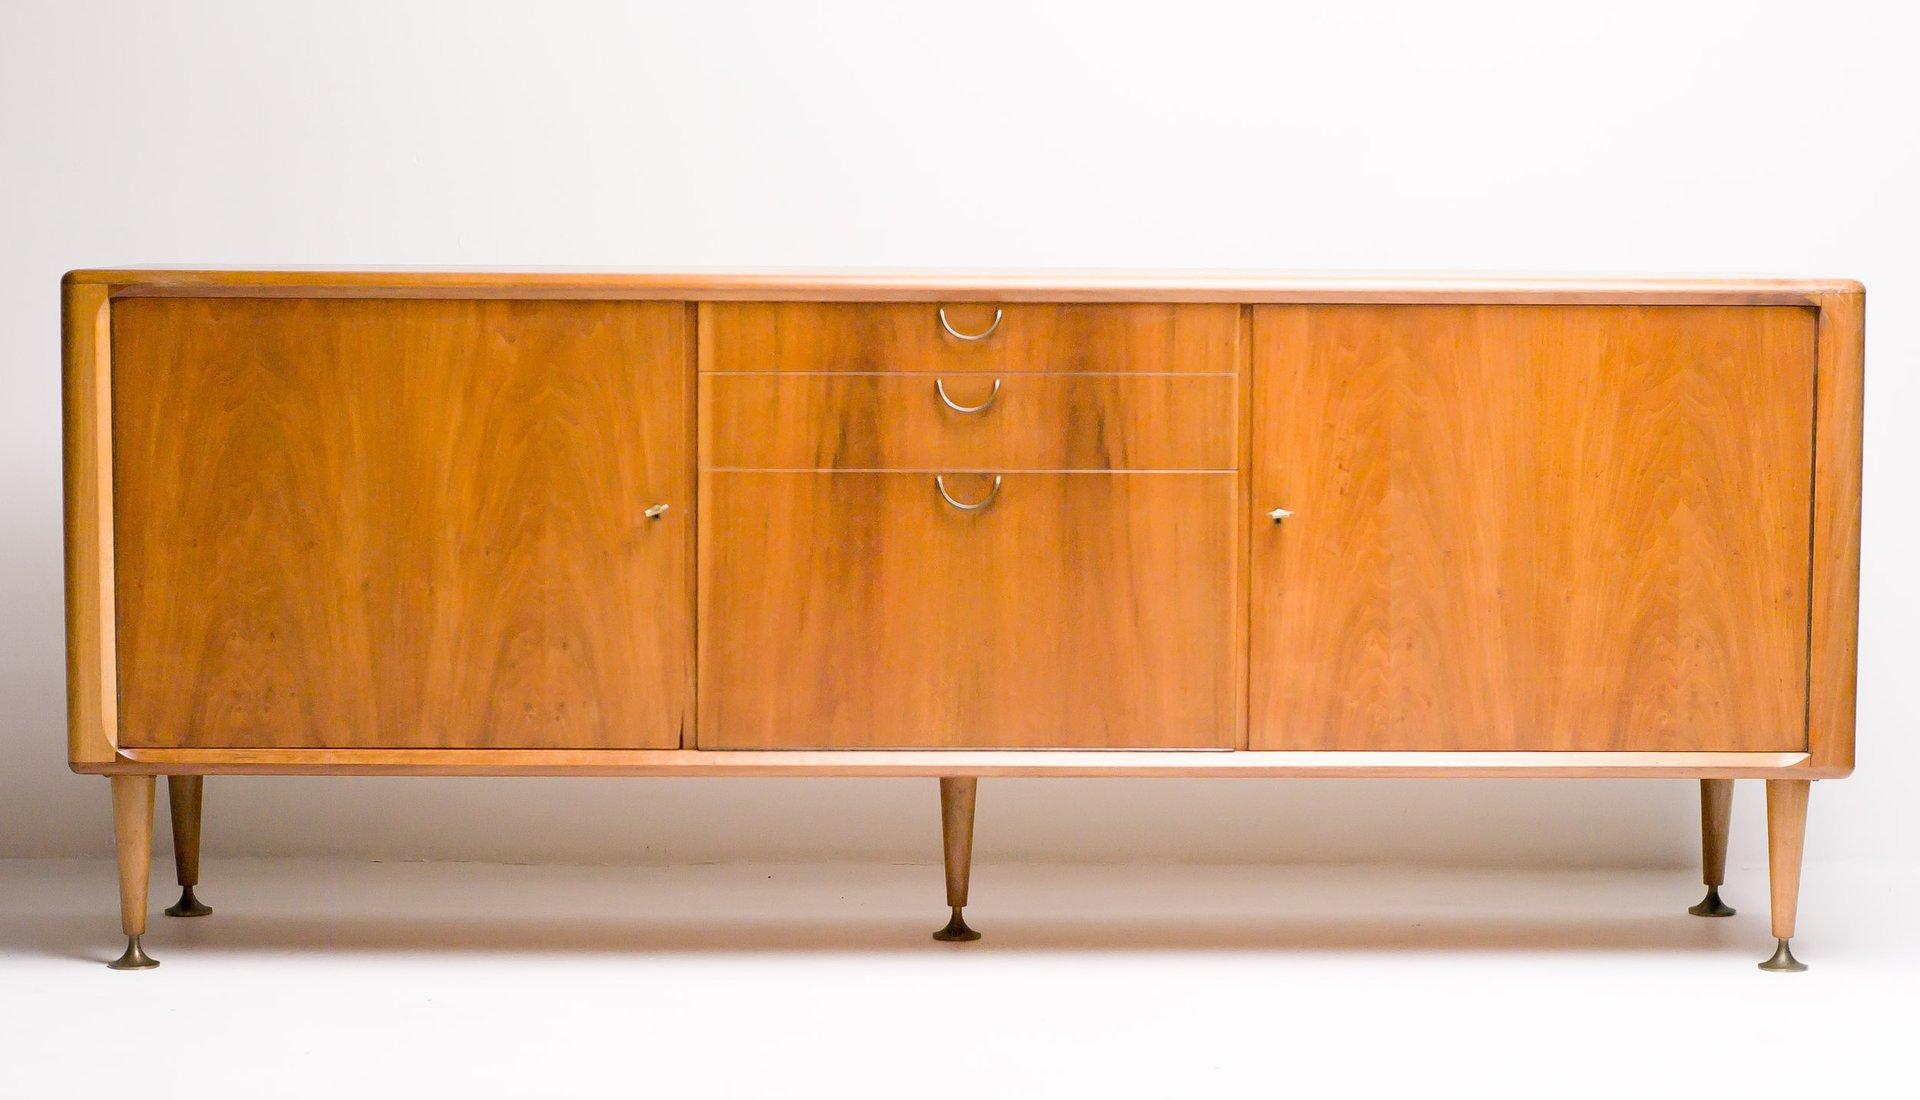 Fabelhaft Sideboard Modern Referenz Von Mid-century Dutch Walnut By A. A. Patijn